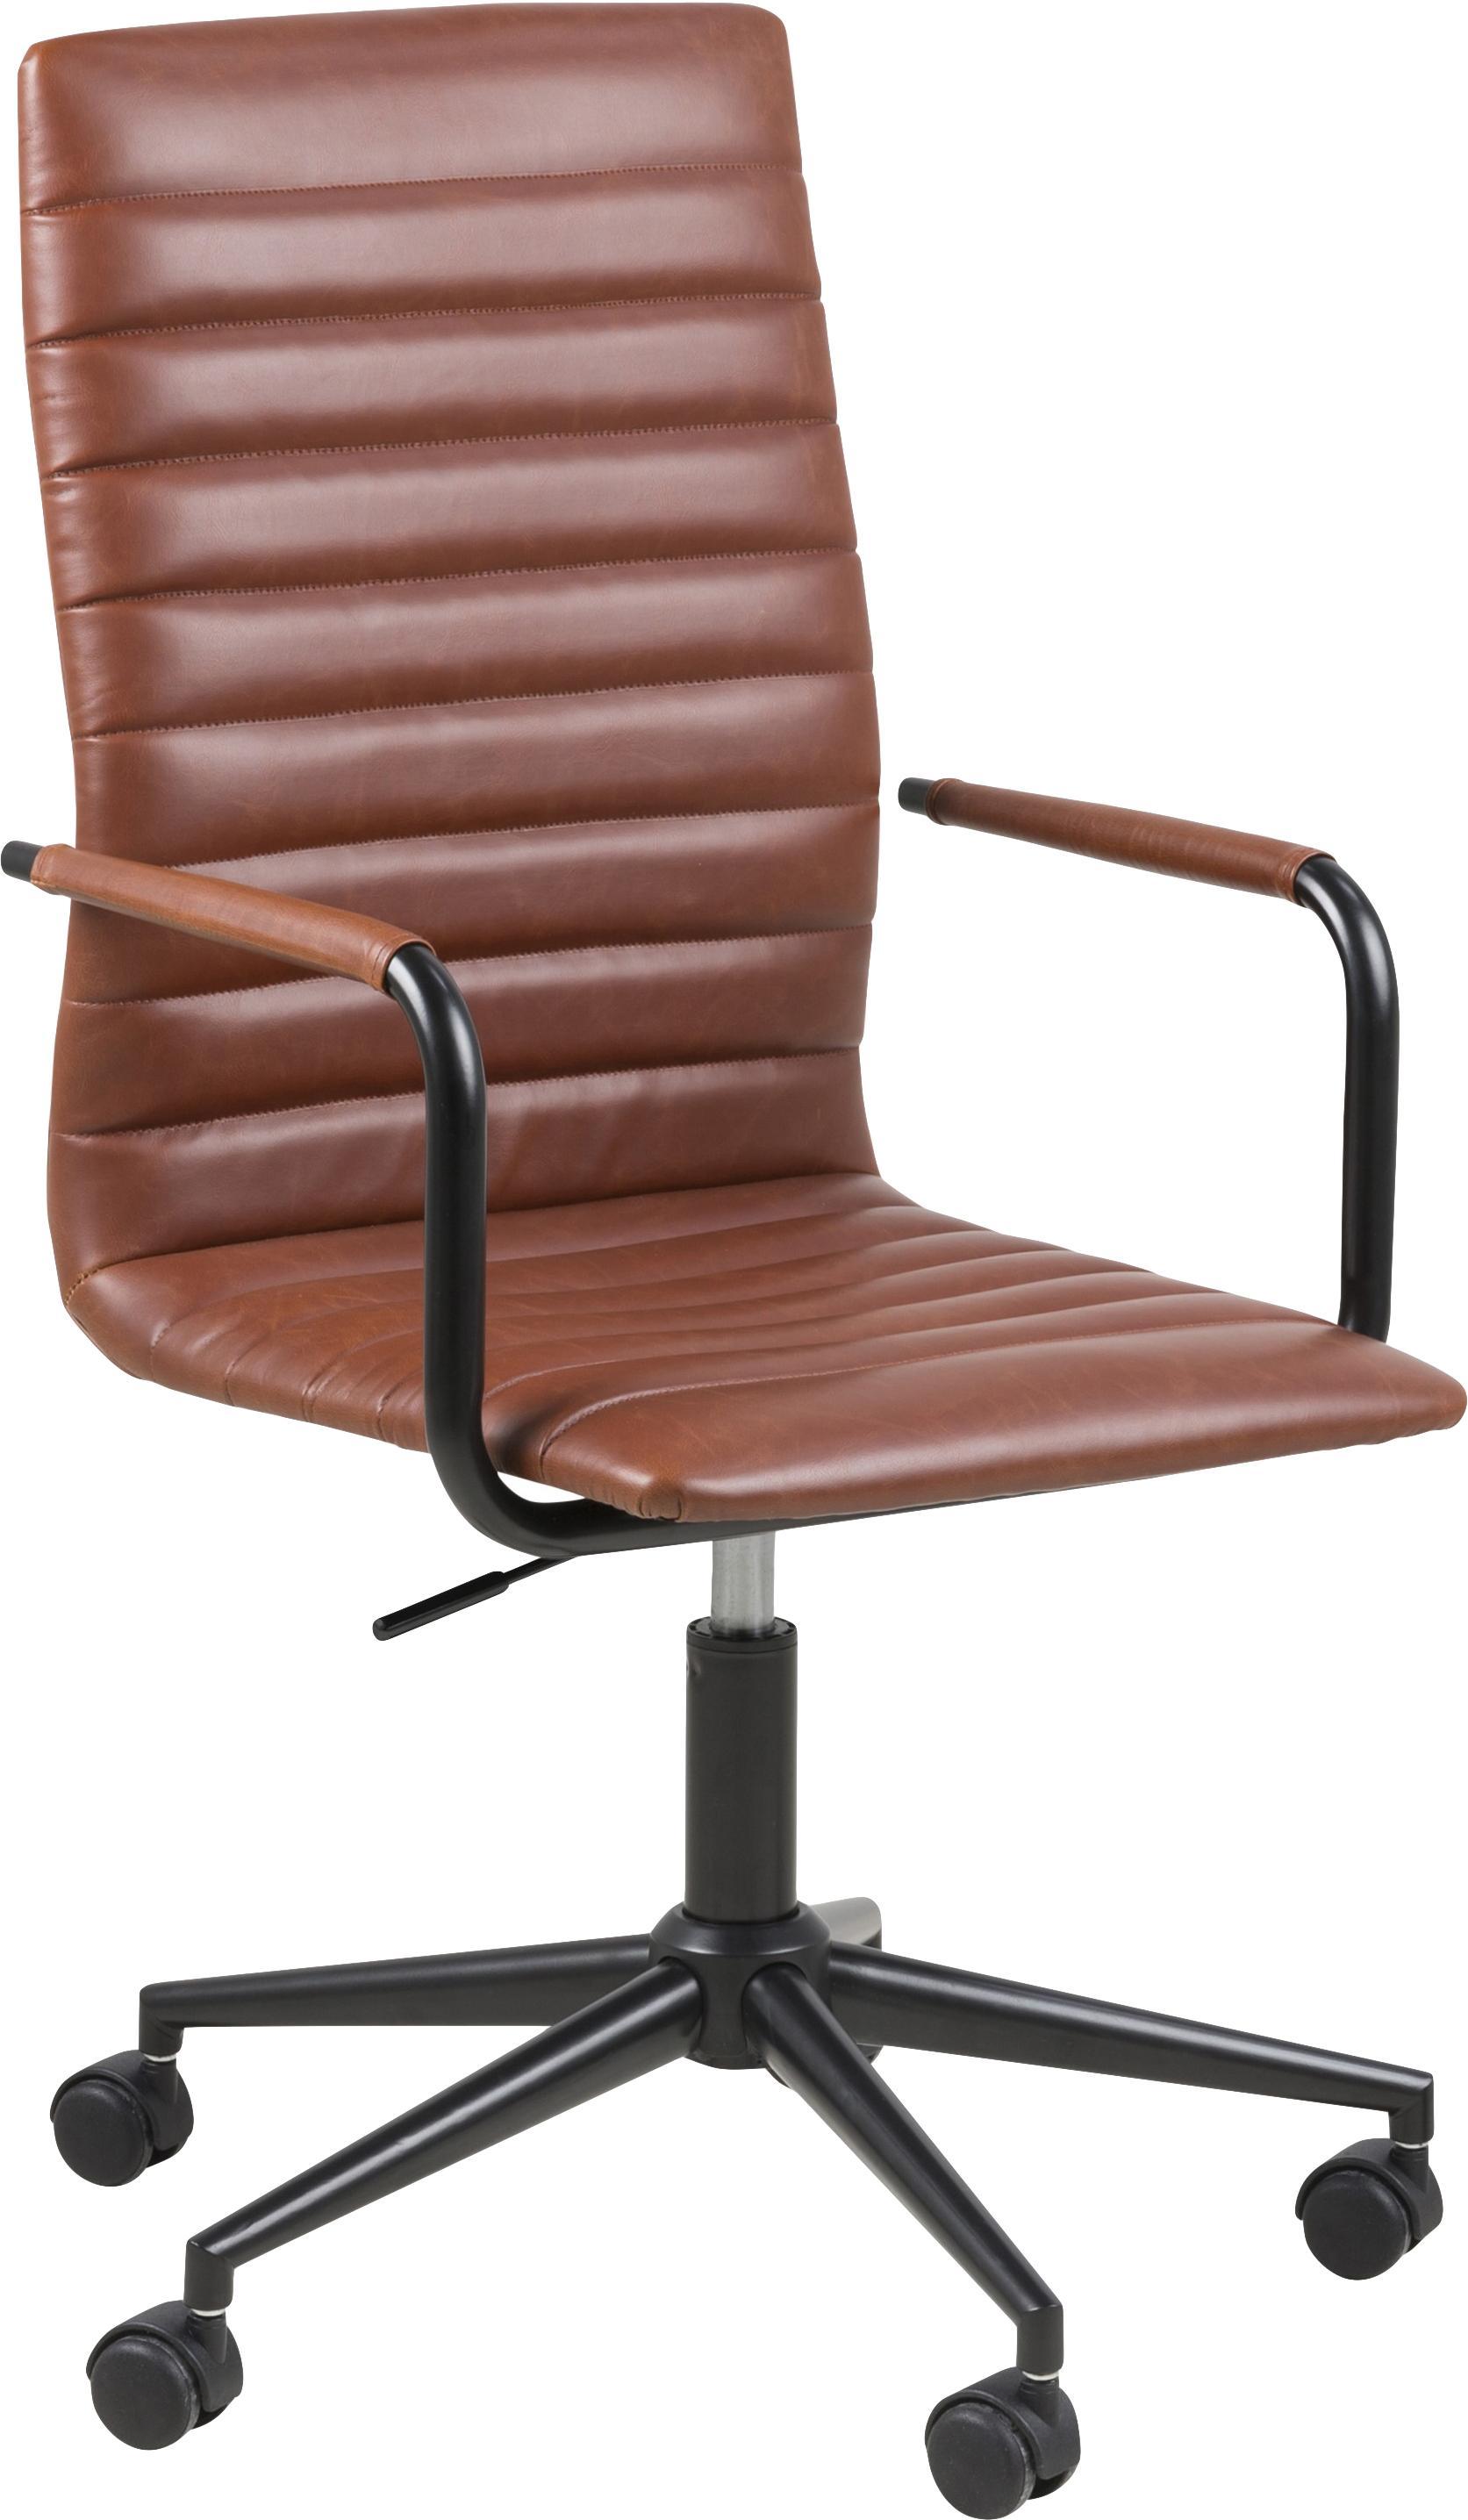 Biurowe krzesło obrotowe ze sztucznej skóry Winslow, Tapicerka: sztuczna skóra (poliureta, Nogi: metal malowany proszkowo, Koniakowy, S 45 x G 58 cm